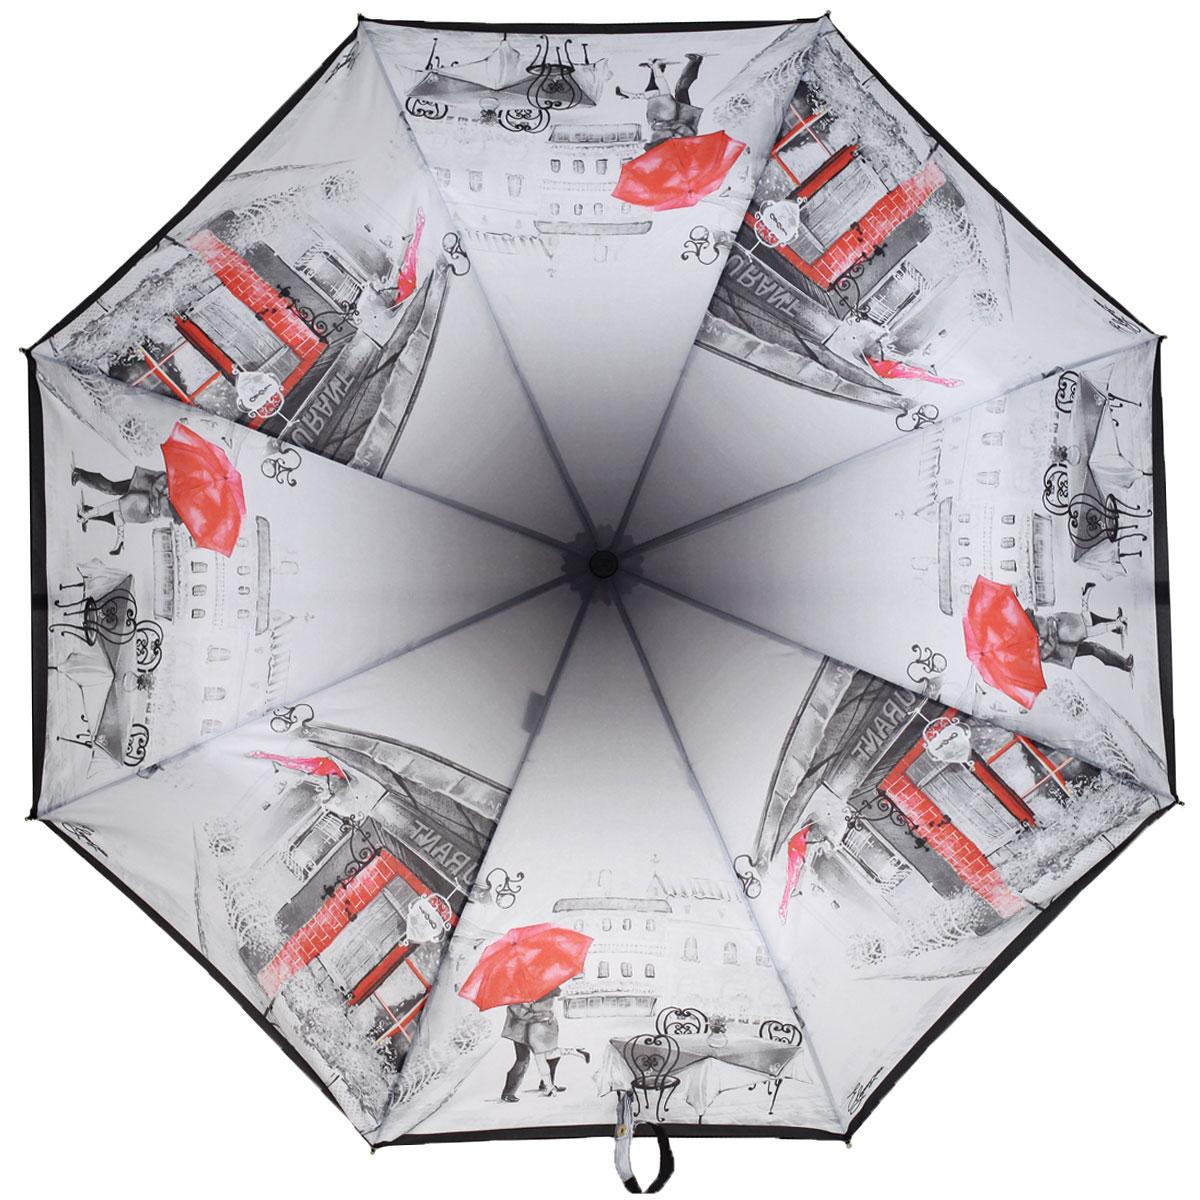 Зонт женский Eleganzza, автомат, 3 сложения, цвет: темно-серый, красный. A3-05-0295A3-05-0295Стильный автоматический зонт Eleganzza в 3 сложения даже в ненастную погоду позволит вам оставаться элегантной. Каркас зонта выполнен из 8 спиц из фибергласса и алюминия, стержень изготовлен из стали, удобная рукоятка - из пластика. Купол зонта выполнен из прочного полиэстера и эпонжа с водоотталкивающей пропиткой. В закрытом виде застегивается хлястиком на кнопке. Дизайн принта выполнен в стиле городской романтики с винтажным настроением. Черно-белое фото с яркими акцентами выглядит одновременно стильно и лаконично. Зонт имеет полный автоматический механизм сложения: купол открывается и закрывается нажатием кнопки на рукоятке, стержень складывается вручную до характерного щелчка, благодаря чему открыть и закрыть зонт можно одной рукой, что чрезвычайно удобно при входе в транспорт или помещение. На рукоятке для удобства есть небольшой шнурок, позволяющий надеть зонт на руку тогда, когда это будет необходимо. К зонту прилагается чехол.